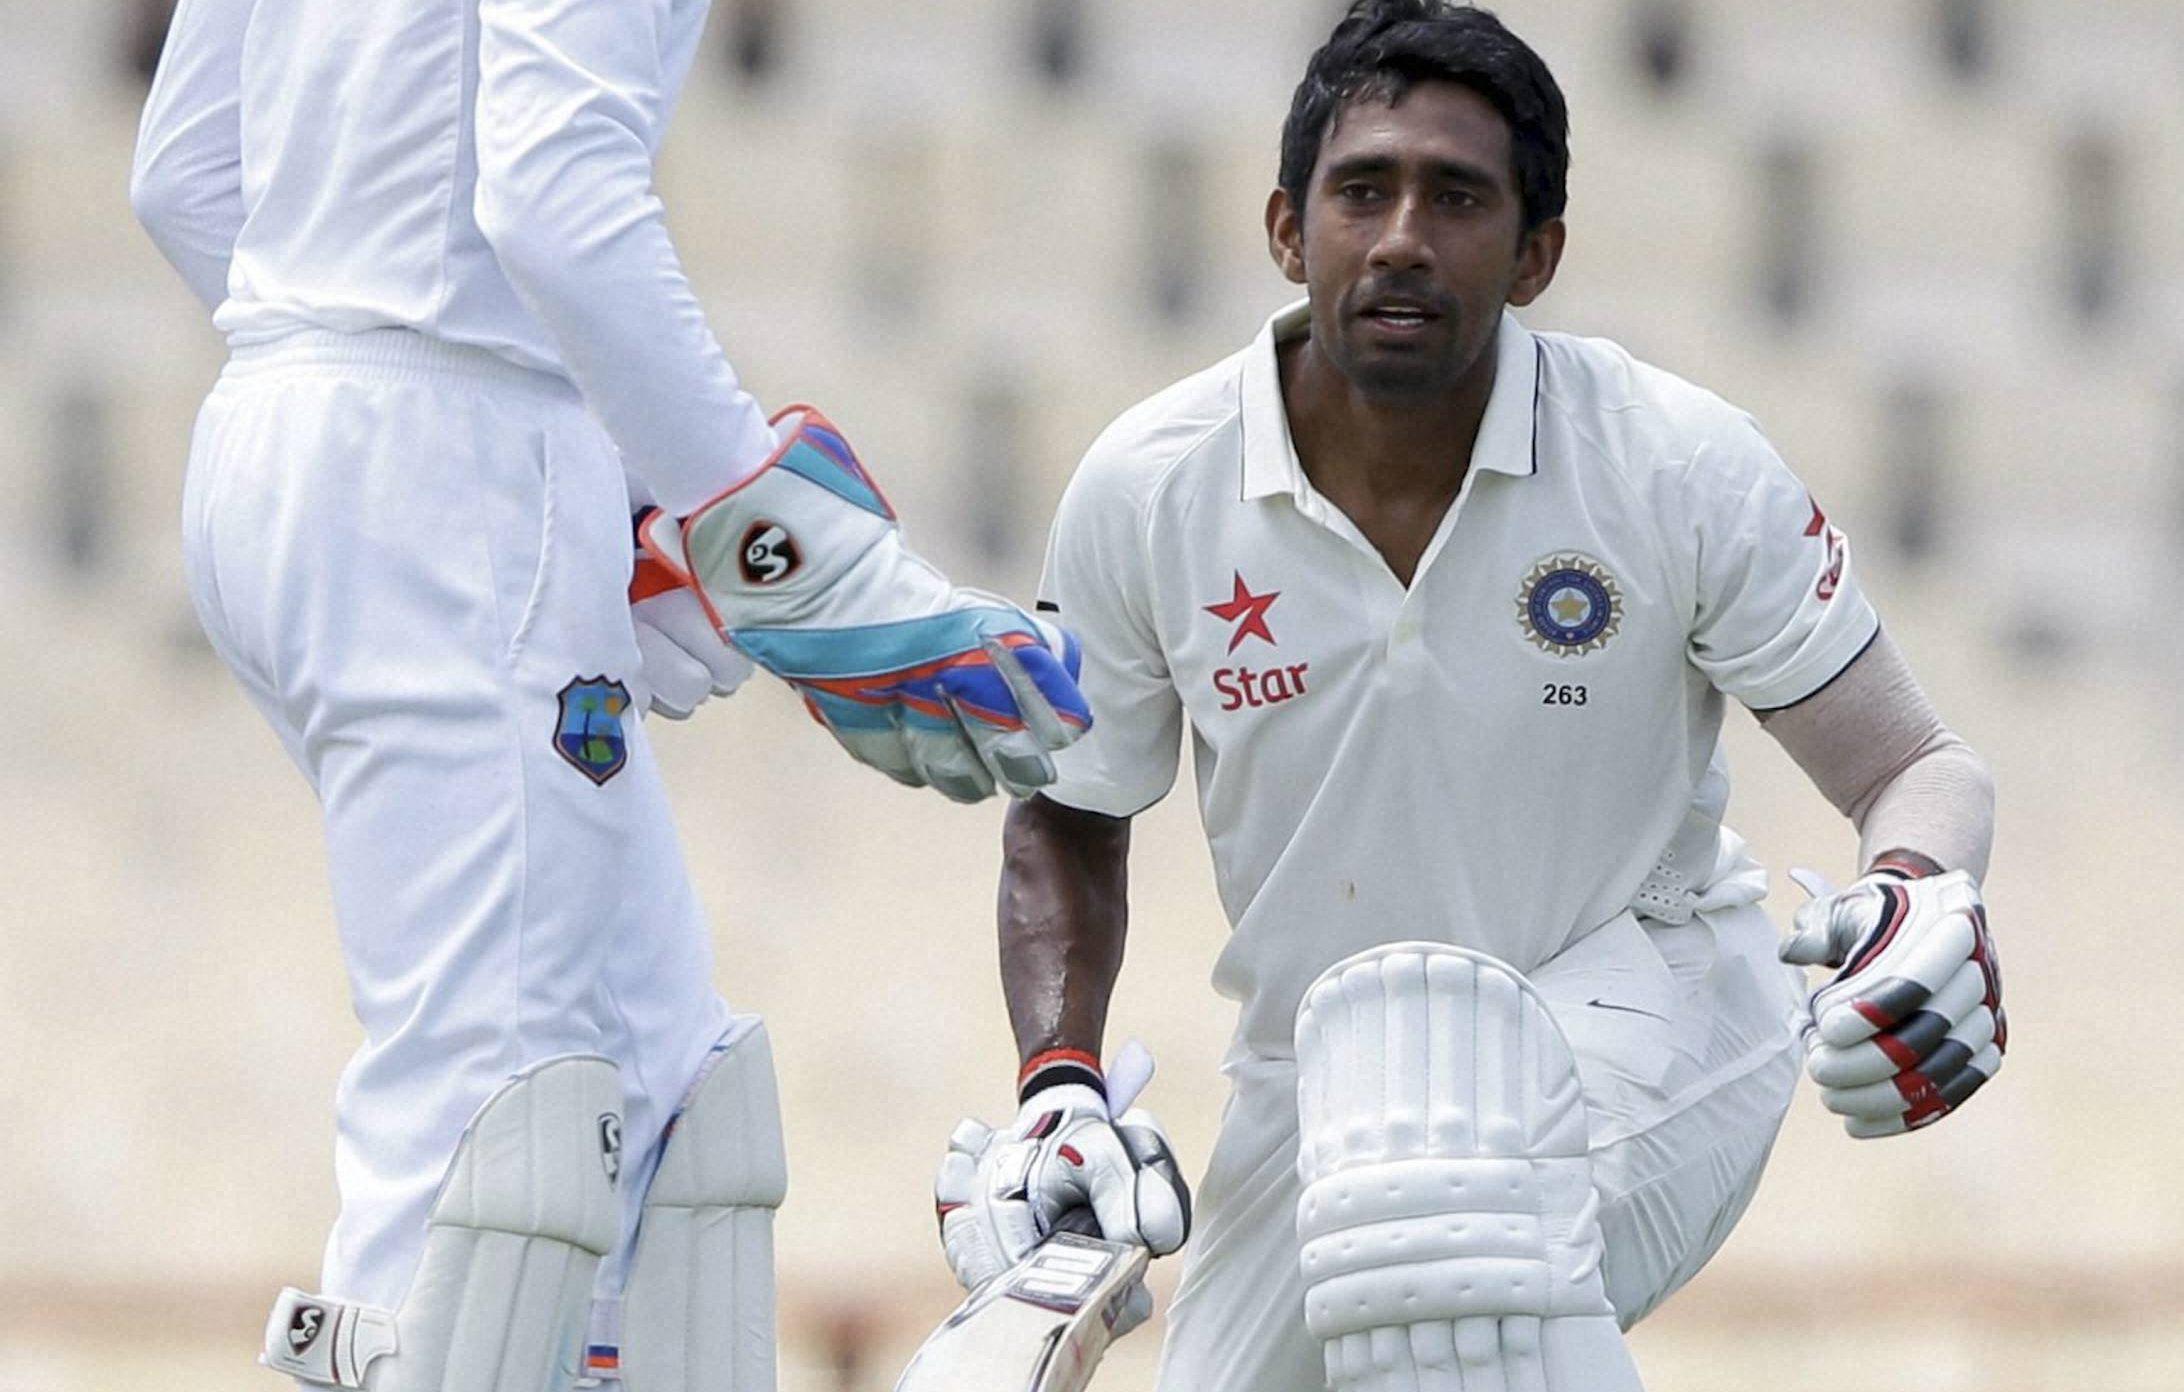 REPORTS: इंग्लैंड के खिलाफ होने वाली टेस्ट सीरीज से बाहर हो सकते हैं रिद्धिमान साहा, दिनेश कार्तिक को मिल सकता हैं मौका ! 9